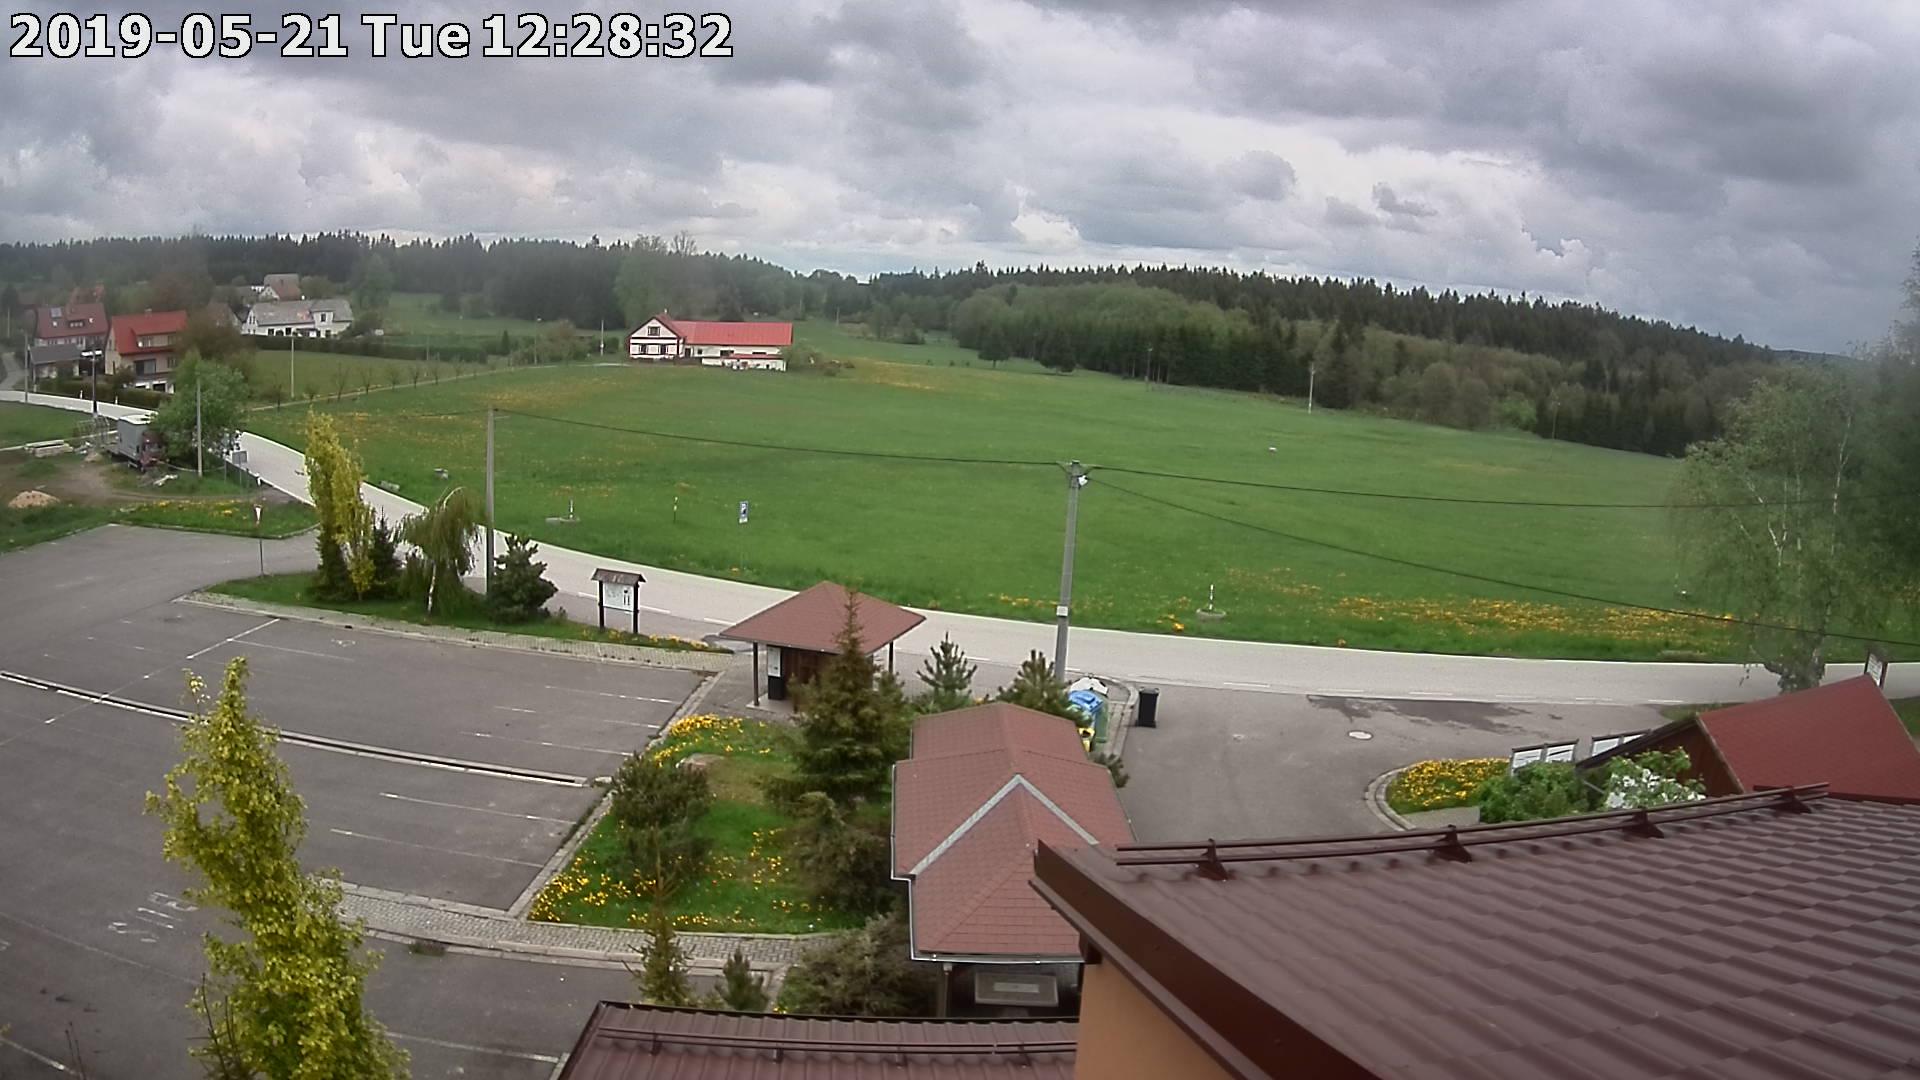 Webkamera ze dne 2019-05-21